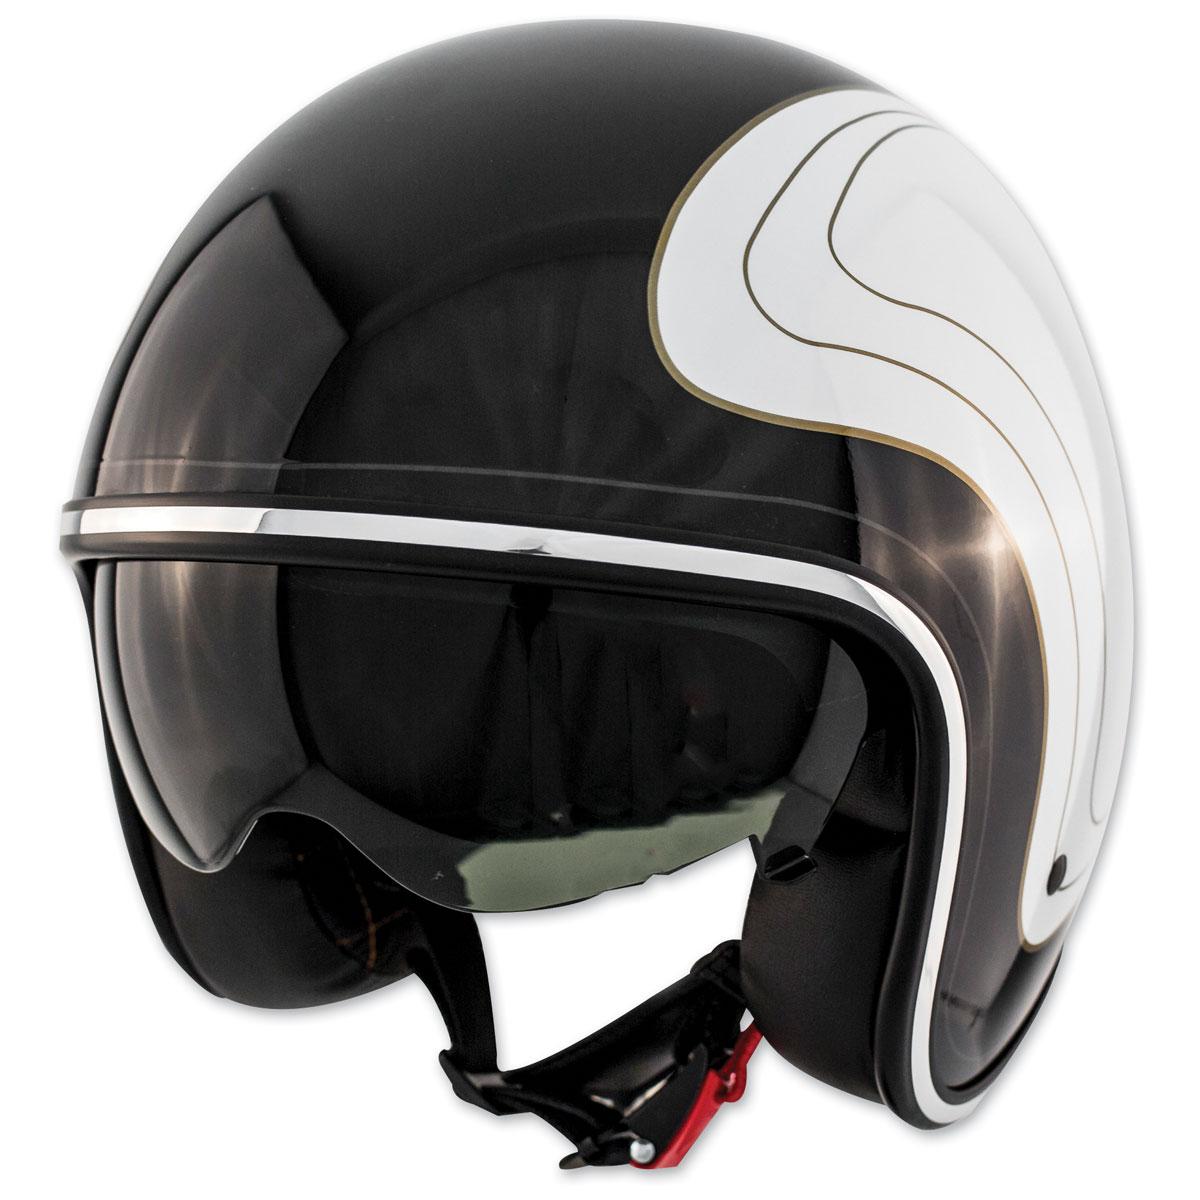 Zox Route 80 DDV Klassic Glossy White Open Face Helmet